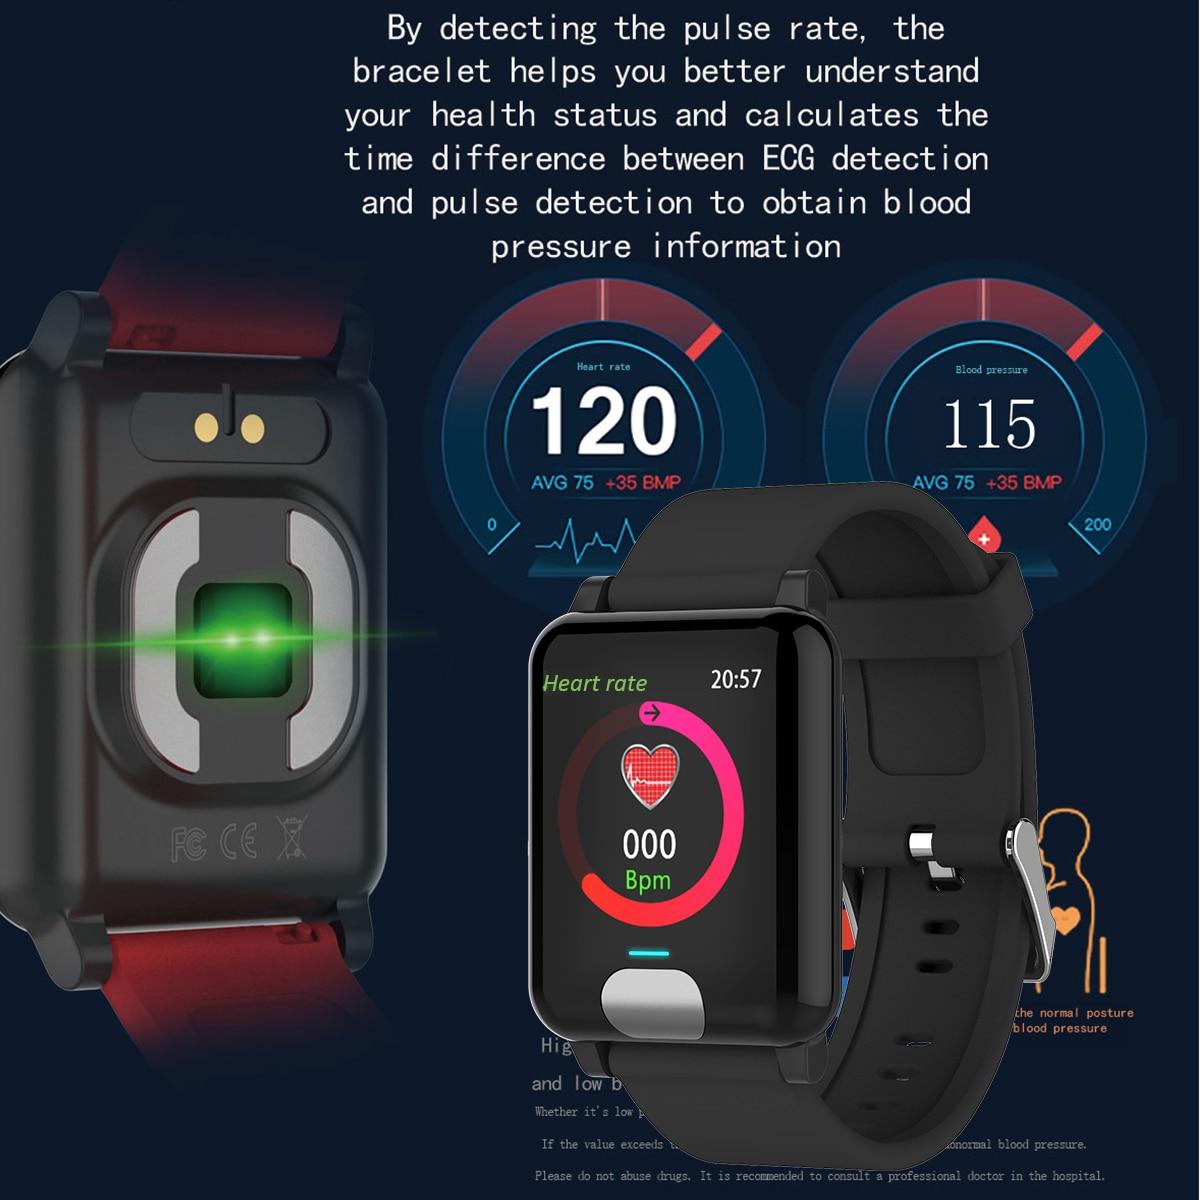 Image 2 - XGODY E04 ECG + PPG умный Браслет монитор сердечного ритма фитнес трекер Смарт браслет кровяное давление браслеты для наручных часов для IOS Android-in Смарт-браслеты from Бытовая электроника